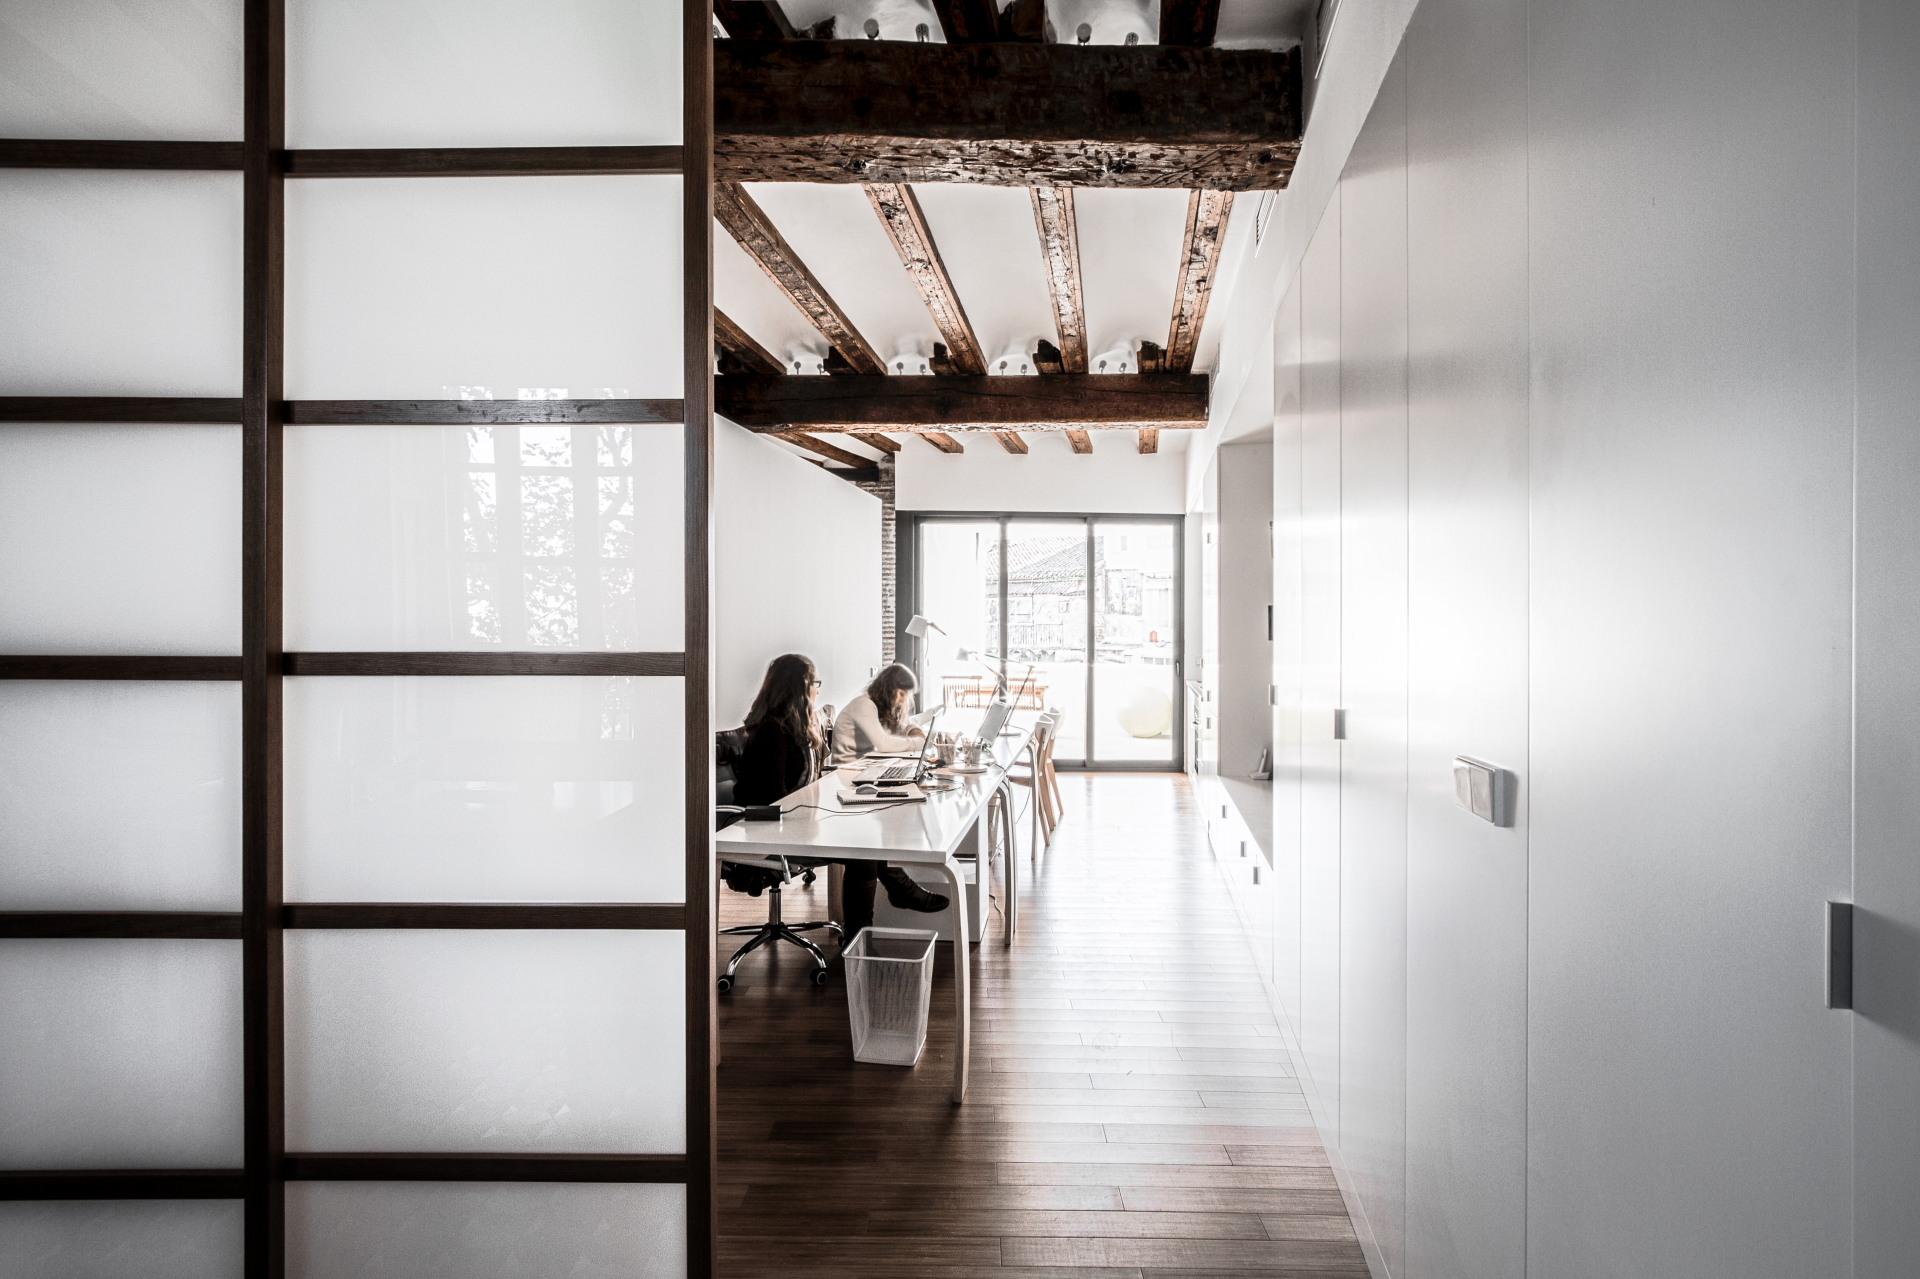 fotografia-arquitectura-valencia-german-cabo-versea-estudio (9)